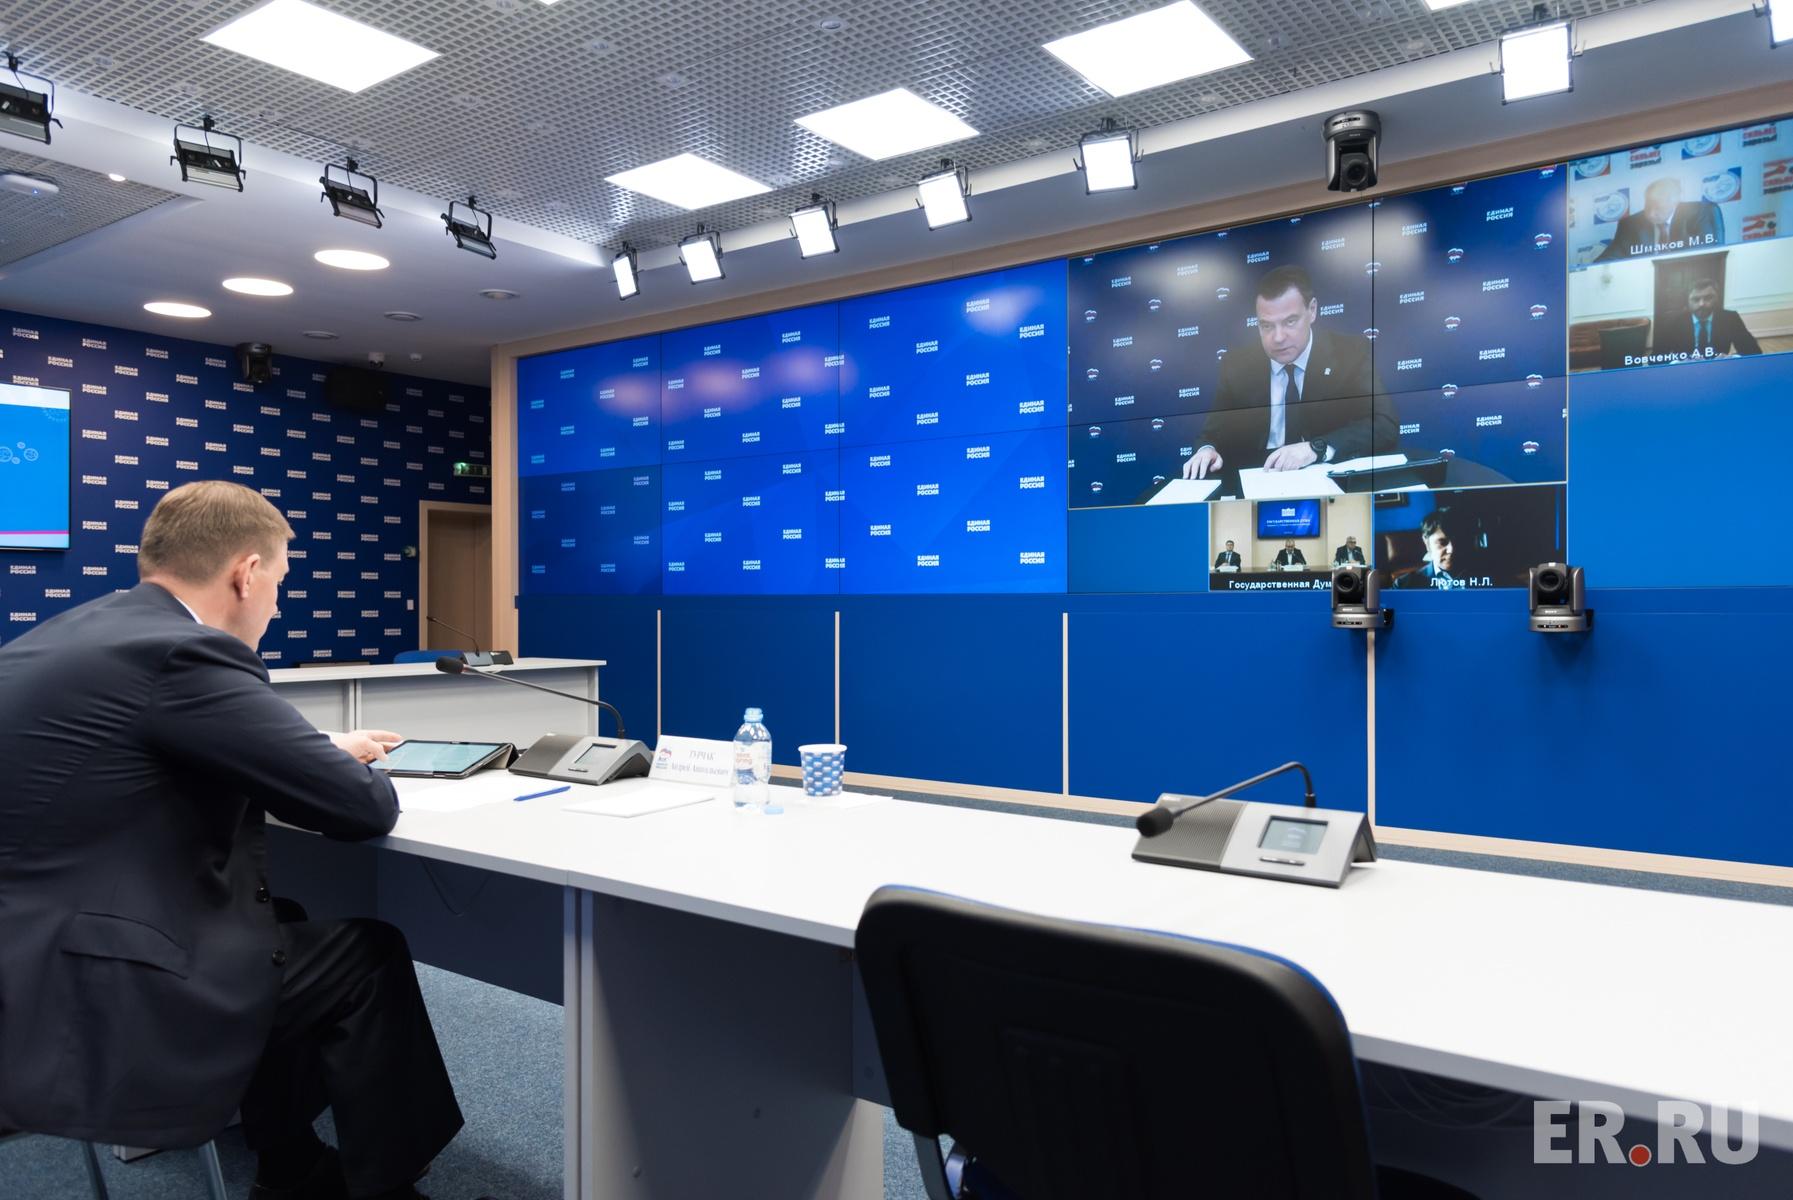 Дмитрий Медведев провел онлайн-совещание по вопросу совершенствования трудового законодательства